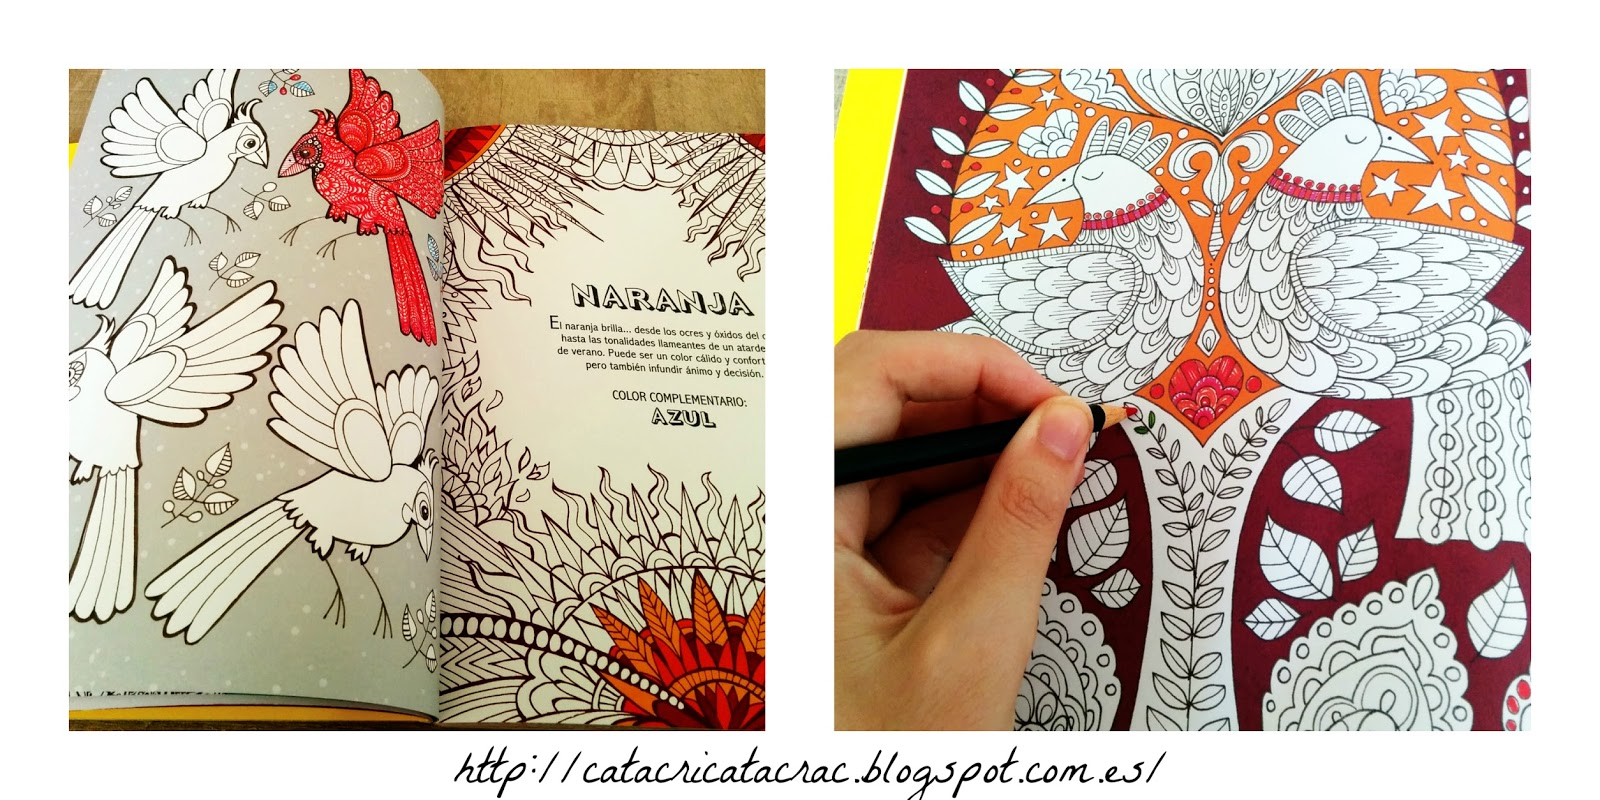 Llenamos de colores CatracricatacraC : Colorarte terapia. Un libro ...